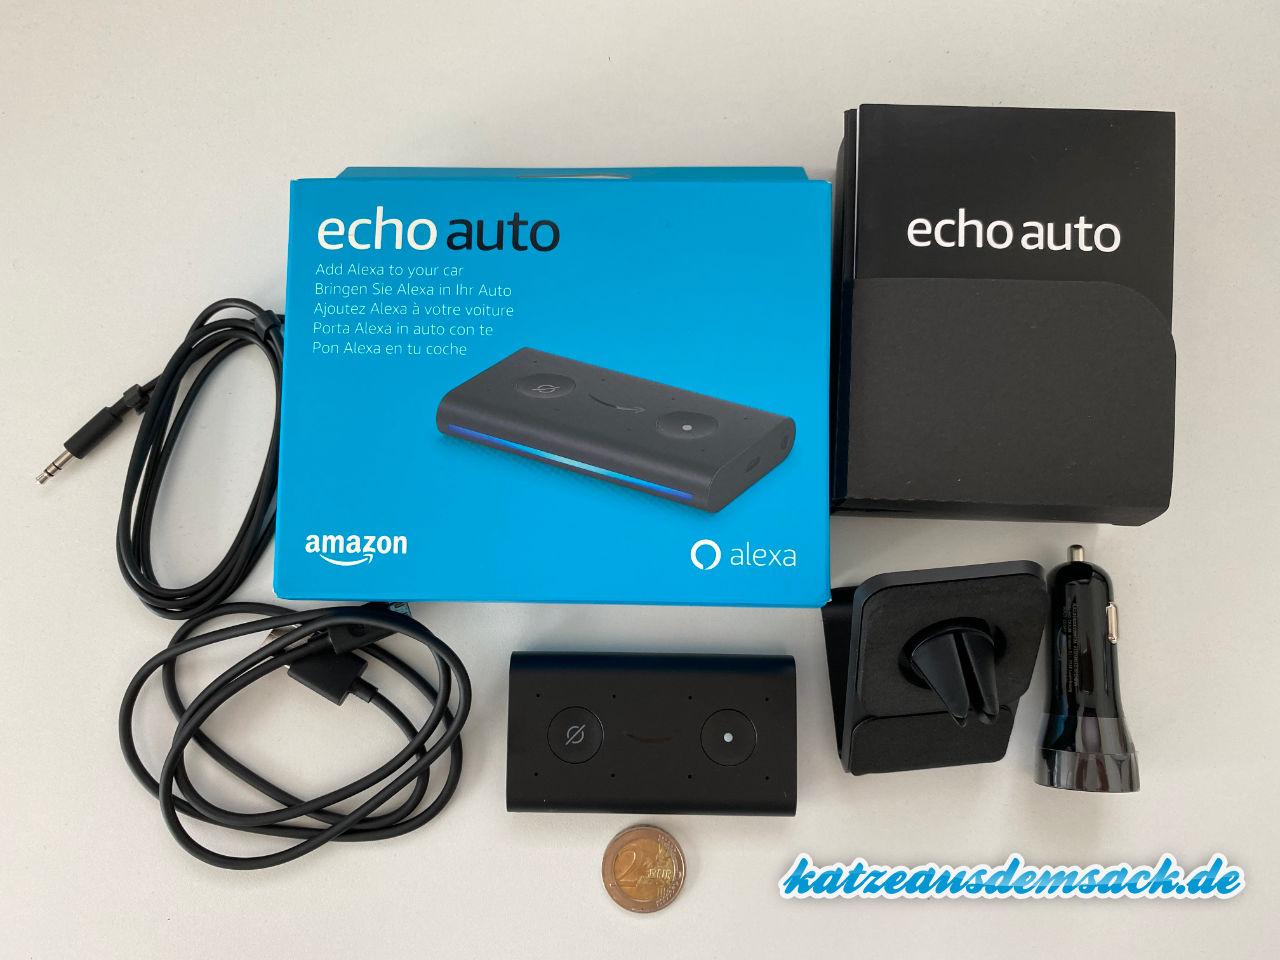 Amazon Echo Auto - Lieferumfang, Größe, Zubehör im Test